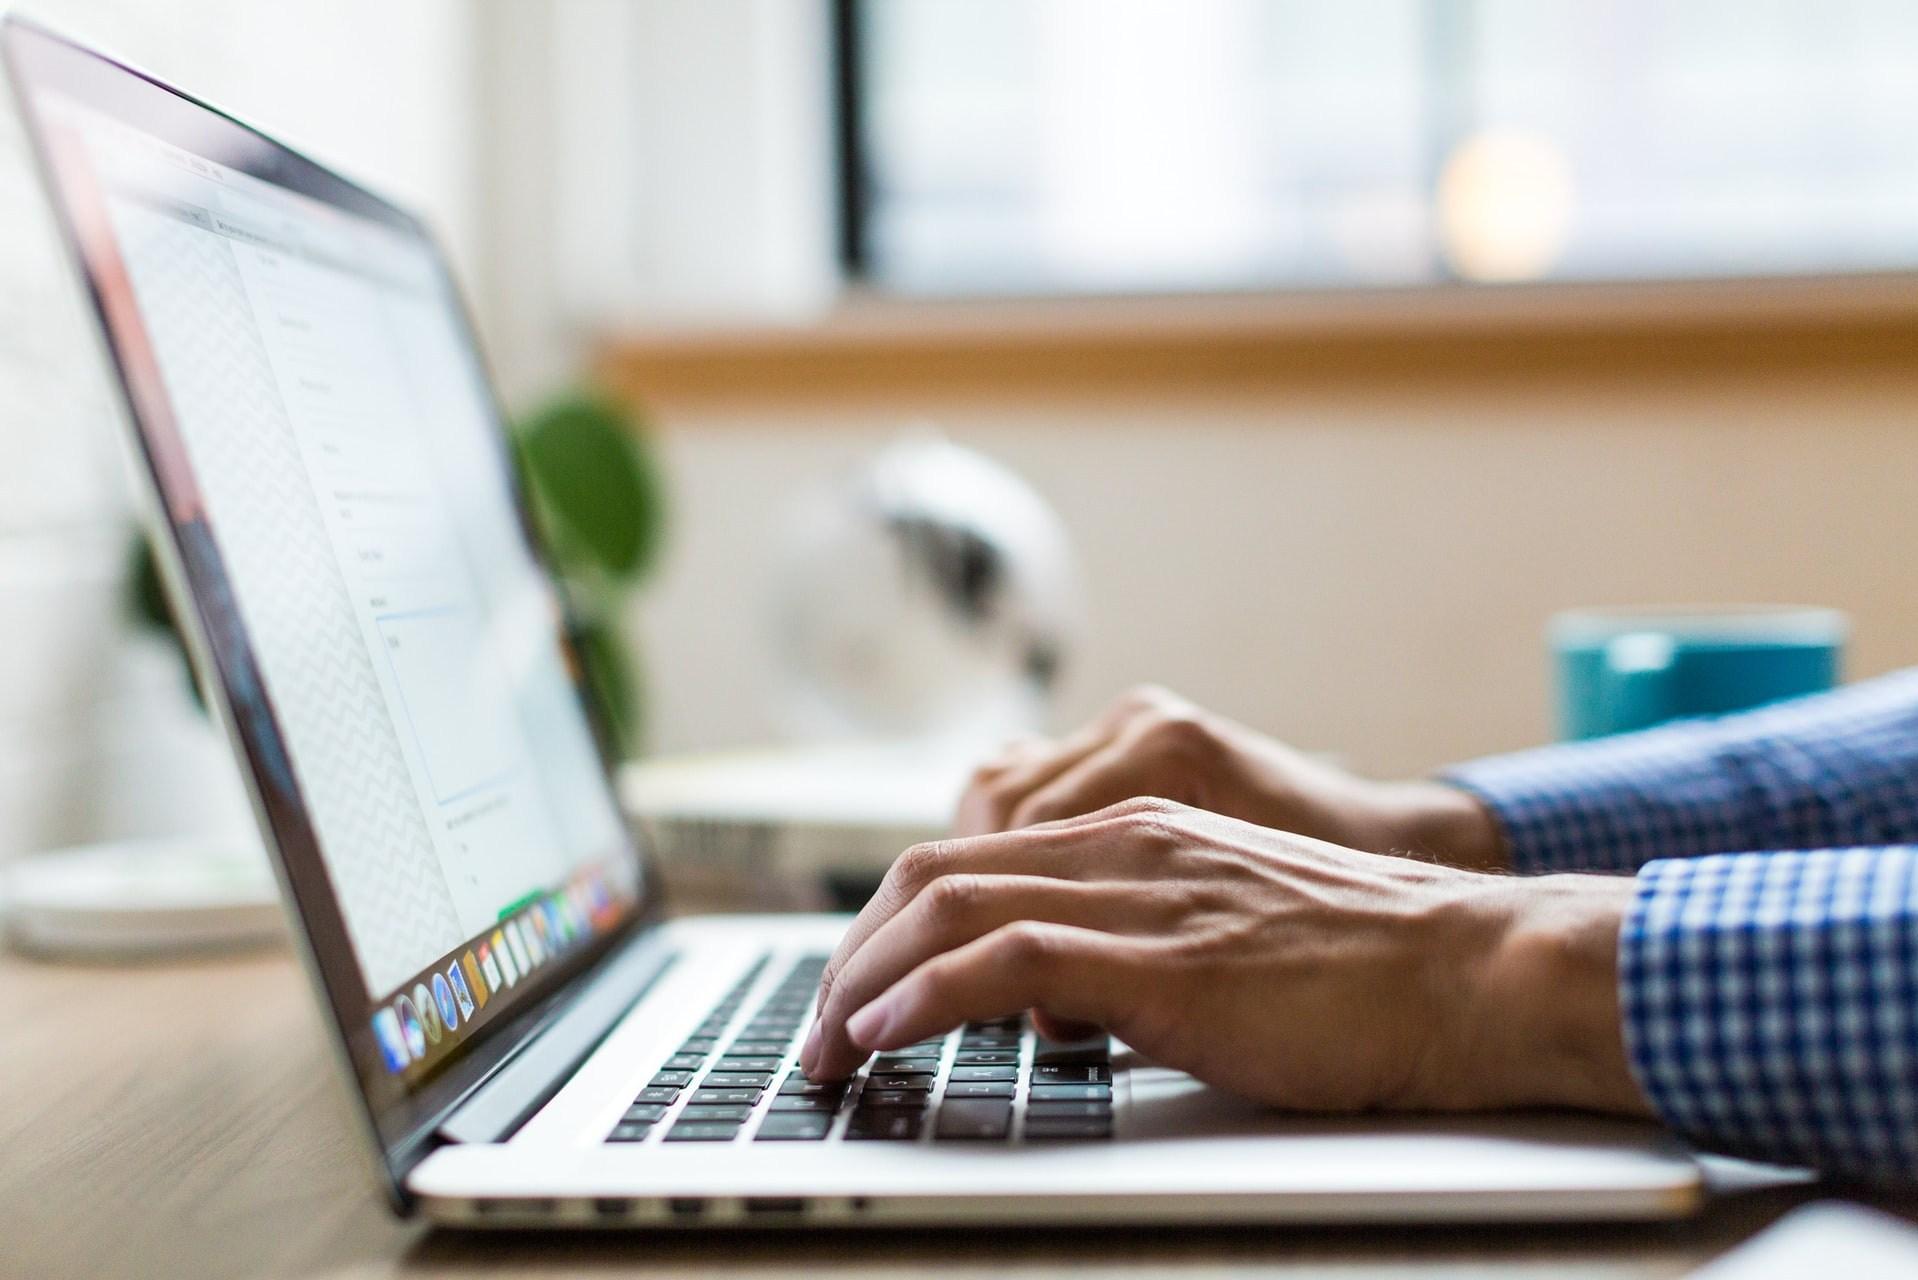 6 Contoh Surat Lamaran Magang Terbaru Yang Baik Dan Benar Mamikos Info